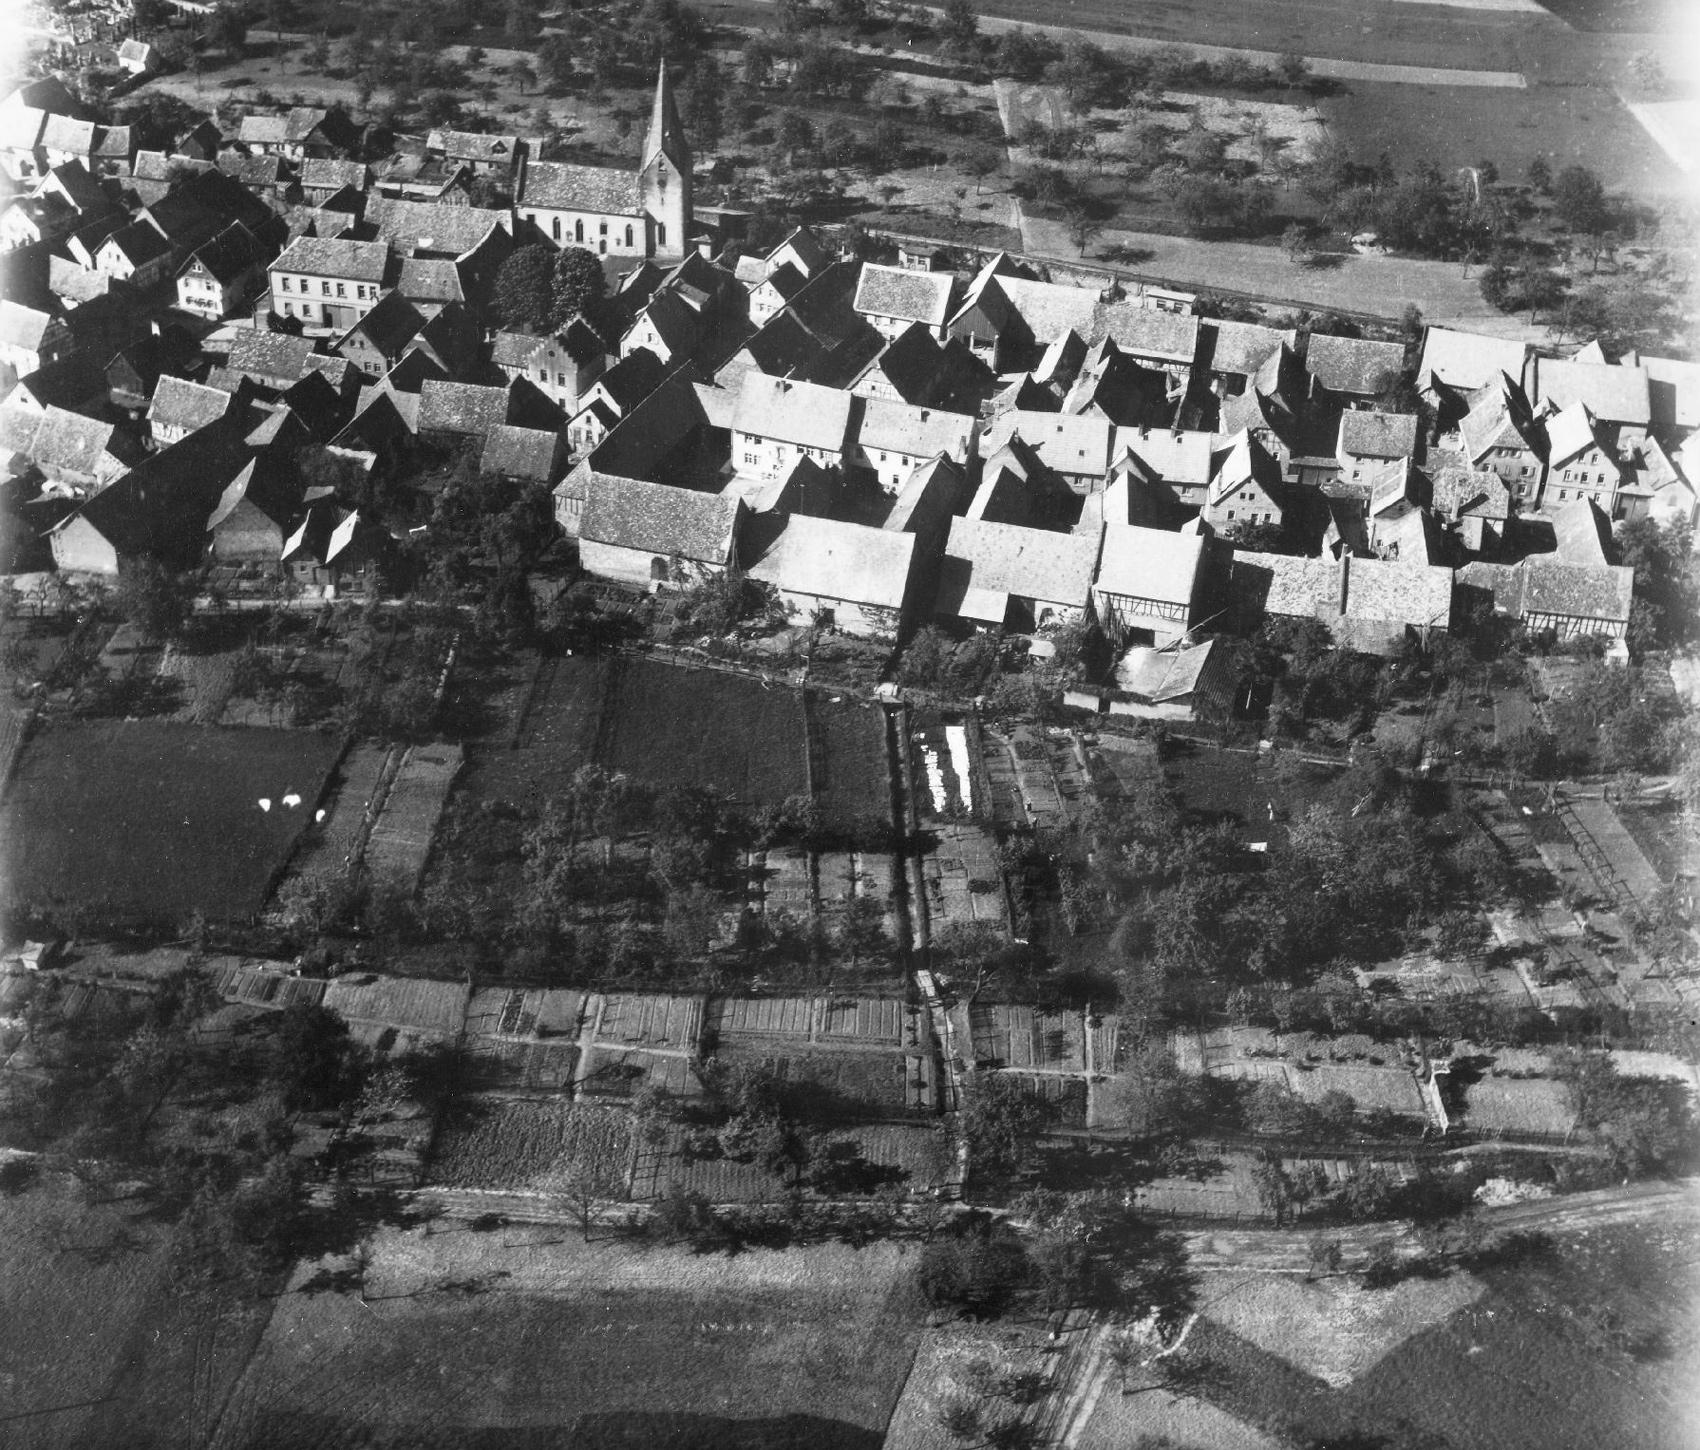 Luftaufnahme von Radheim in der Gemeinde Schaafheim mit Ringstraße sowie Hauptstraße und Laurentius Kirche aus dem Mai 1945